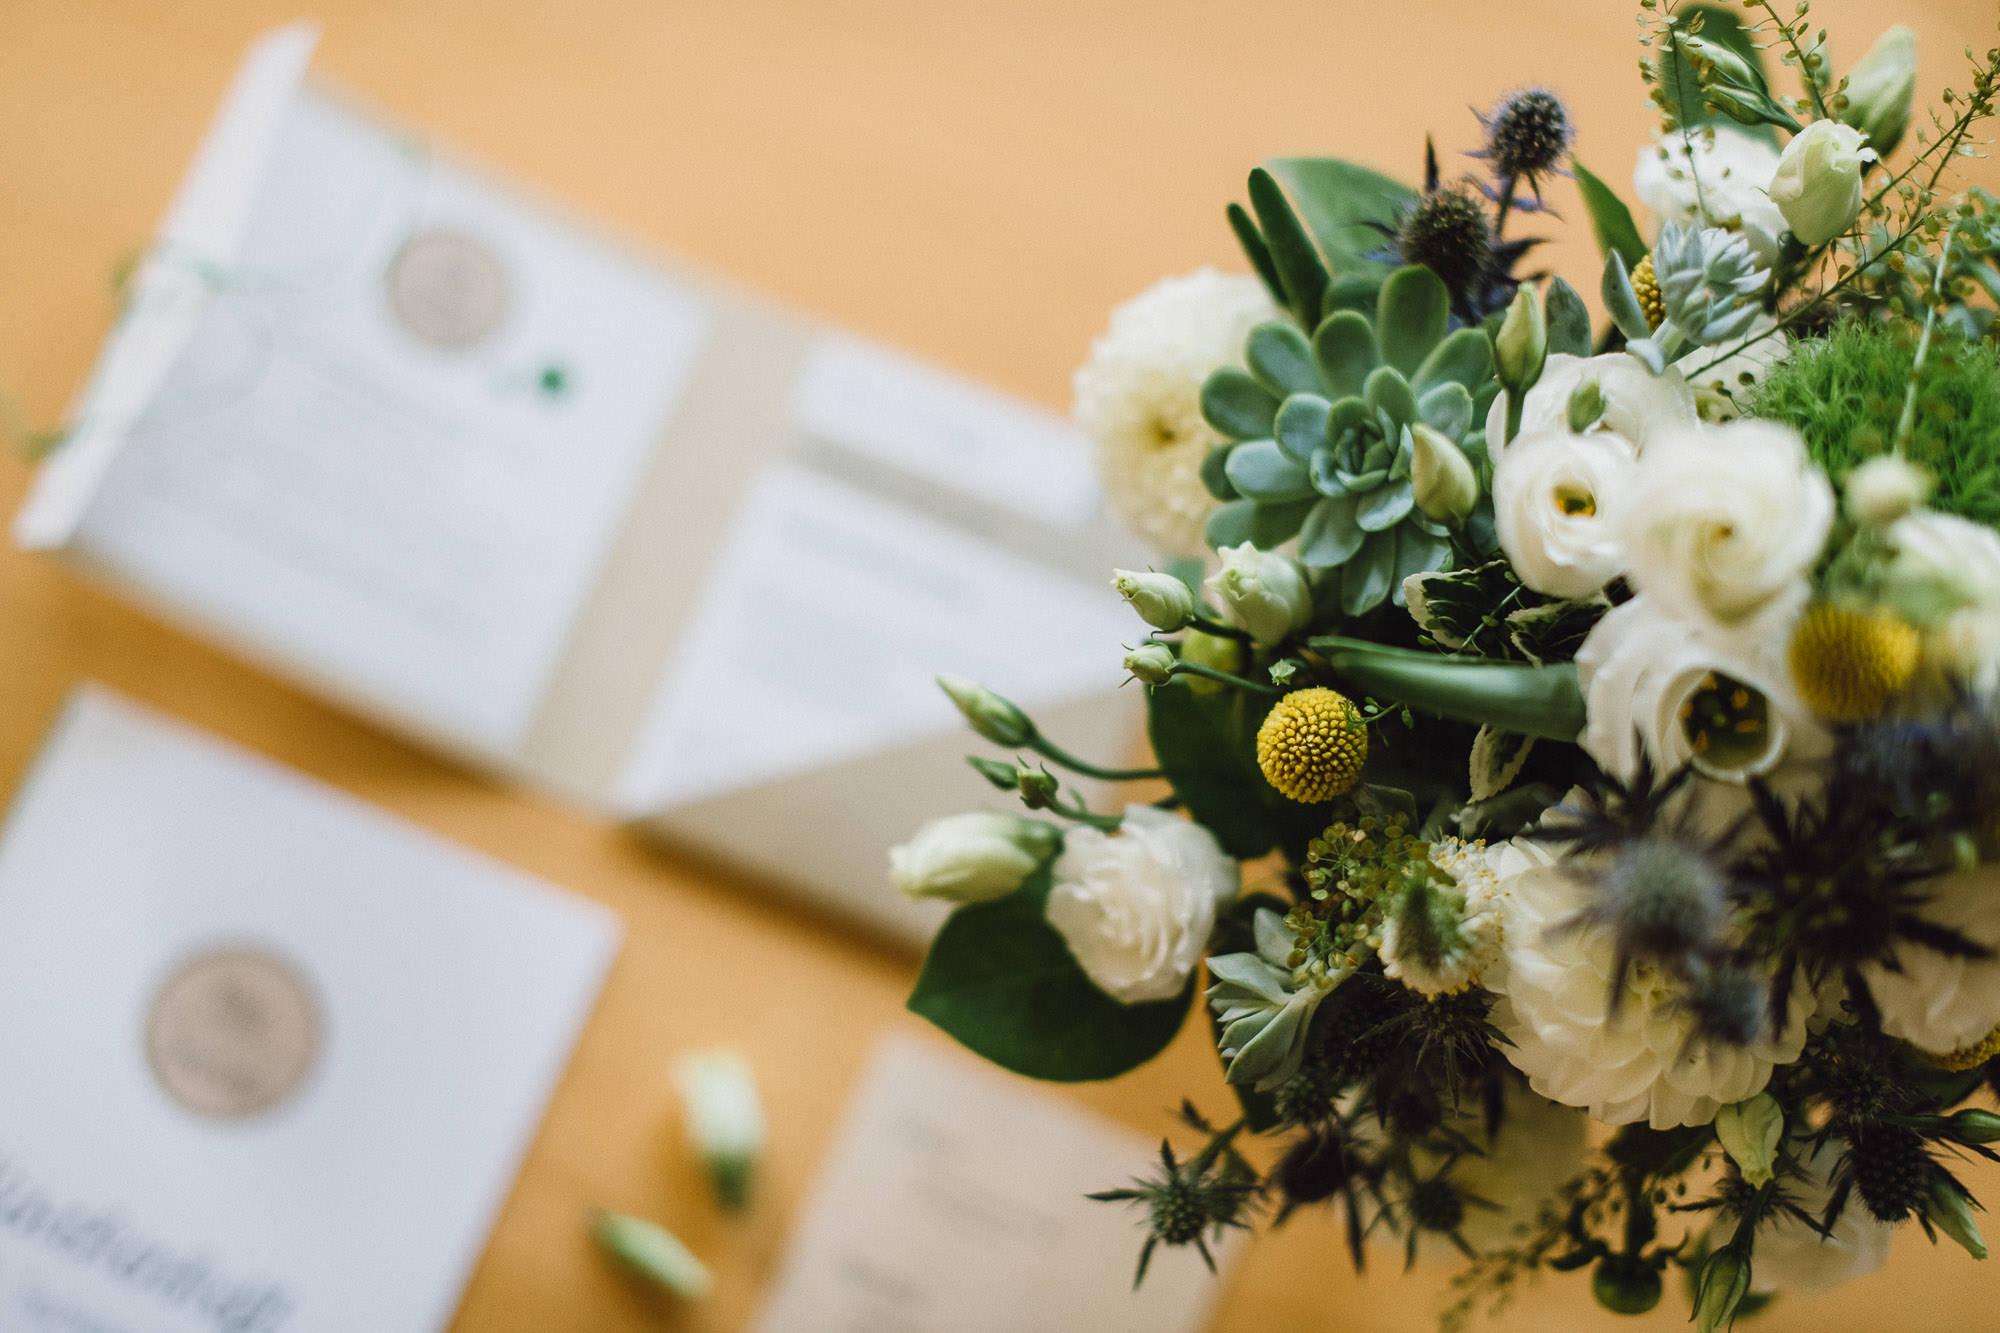 greenery-wedding-hochzeit-prielhof-sukkulenten-scheyern-lauraelenaphotography-003